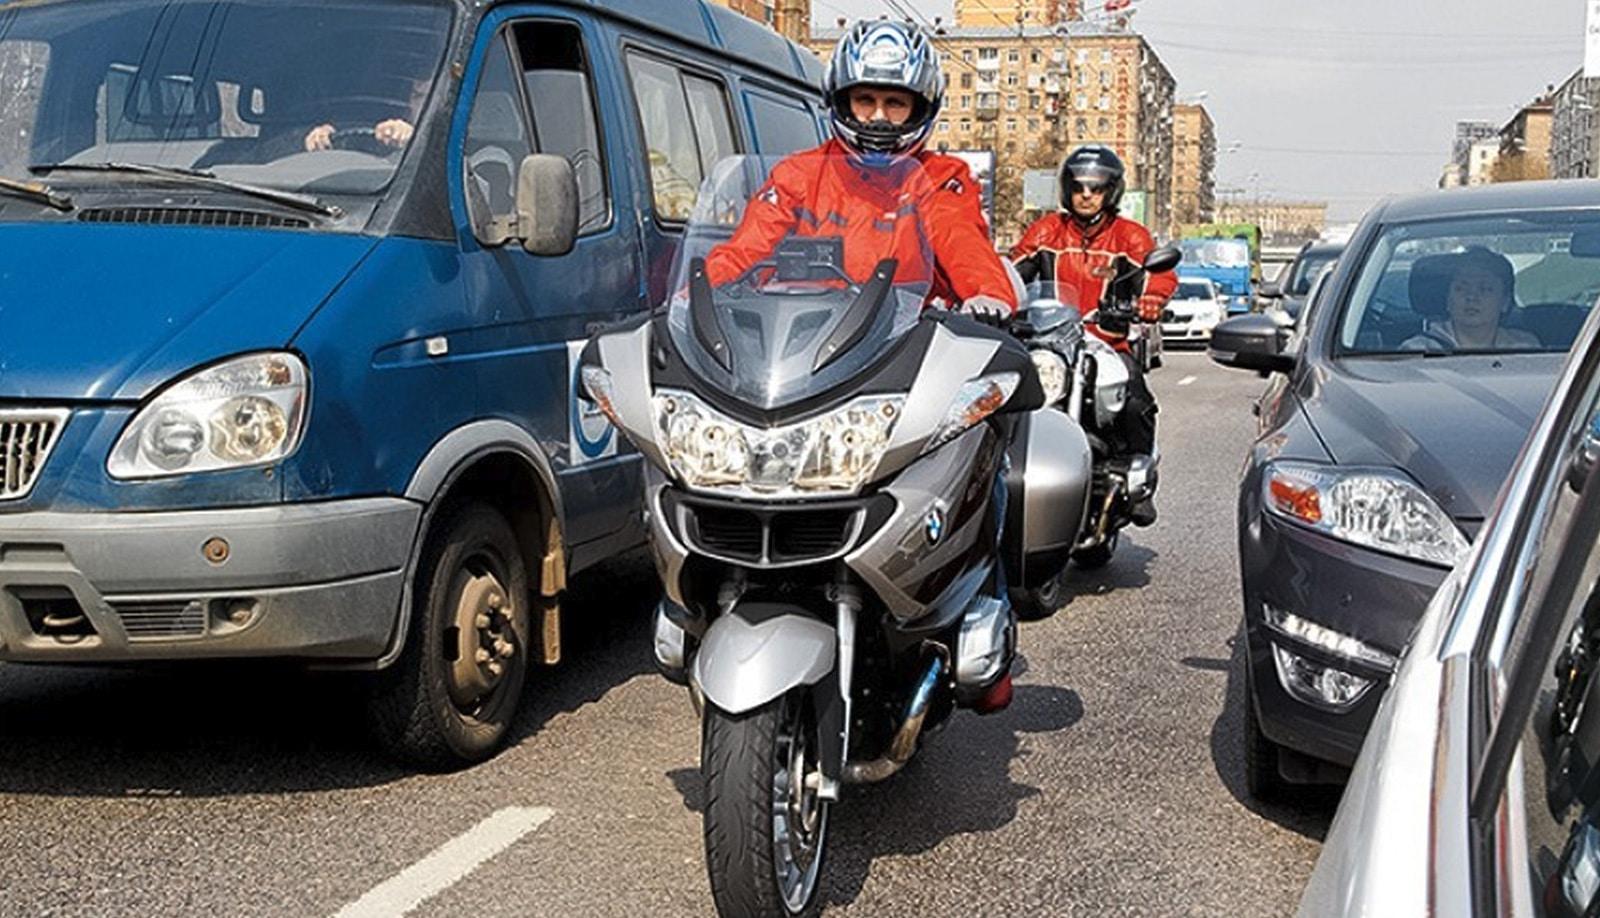 Езда на мотоцикле в городе. Искусство медленной езды в траффике